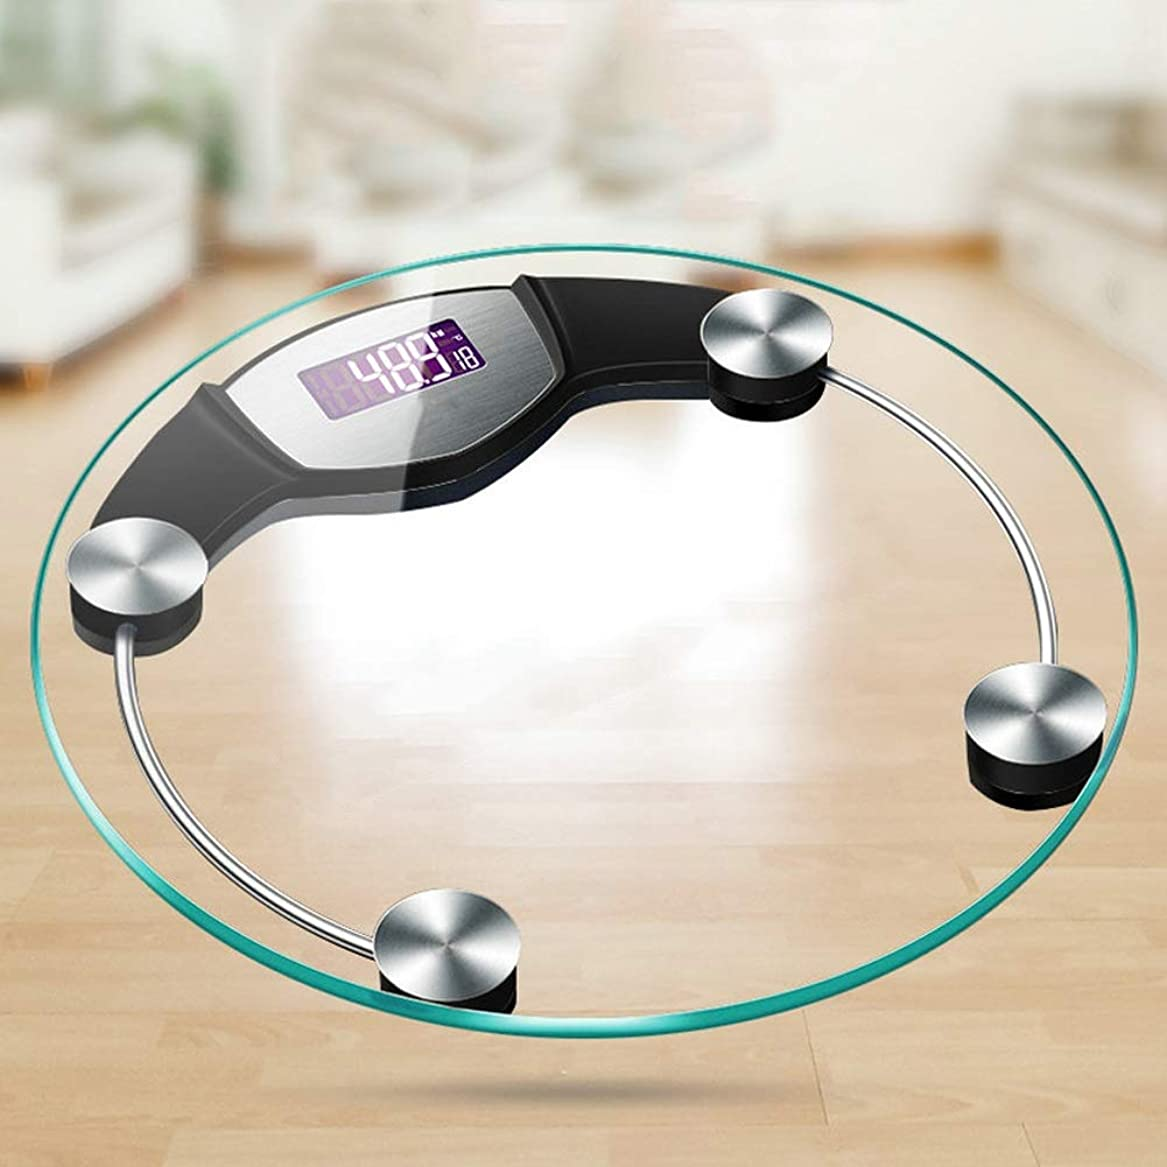 天文学あなたのもの洗剤体脂肪、体重のためのスマートなデジタル天秤ばかり、 - 丸型 - 12.2 x 12.2 x 0.7インチ (Color : Black)